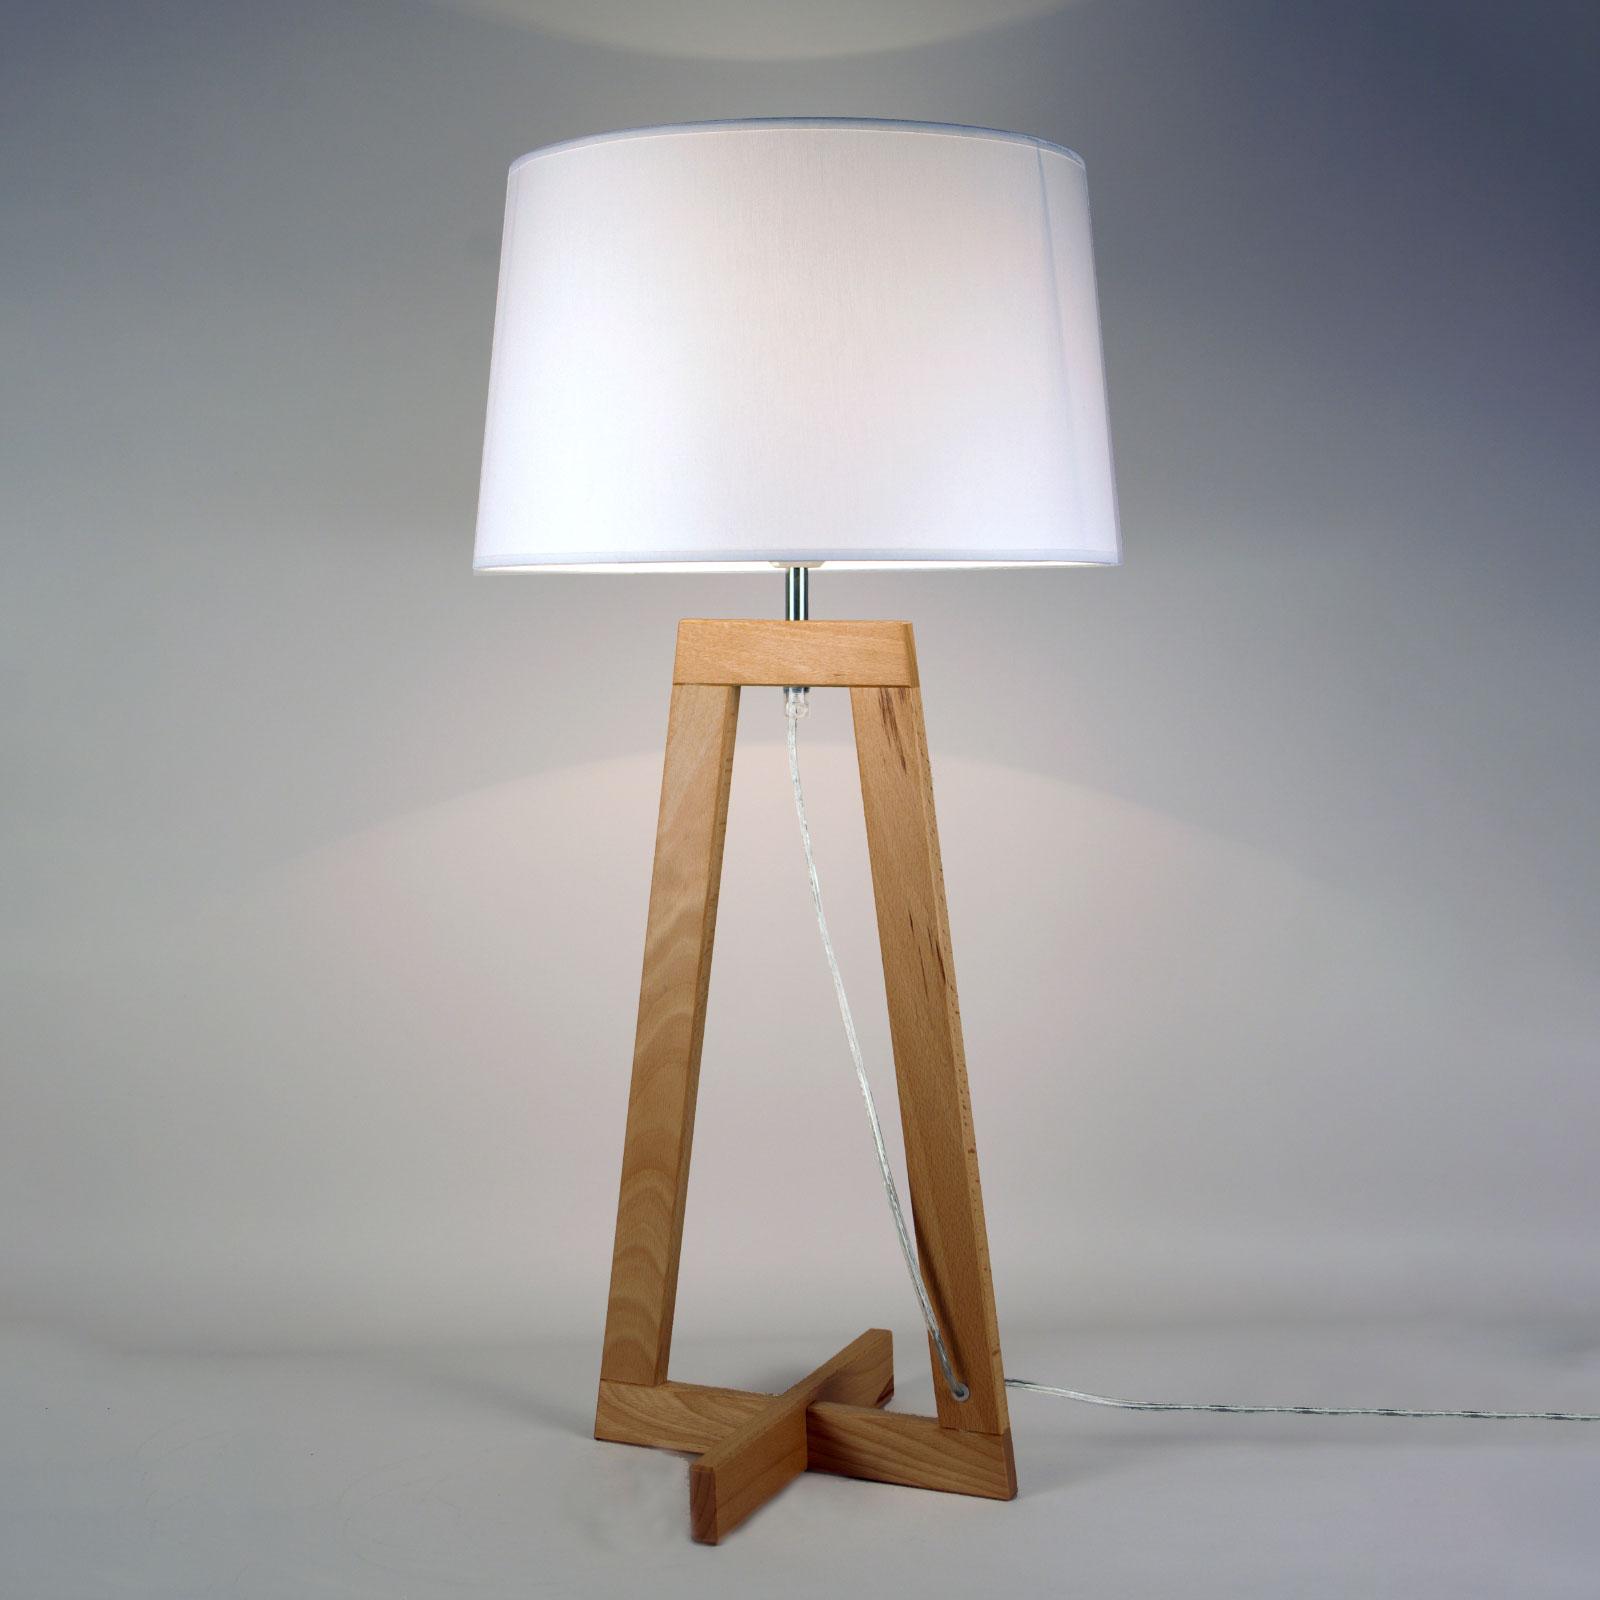 Tischleuchte Sacha LT aus Textil und Holz